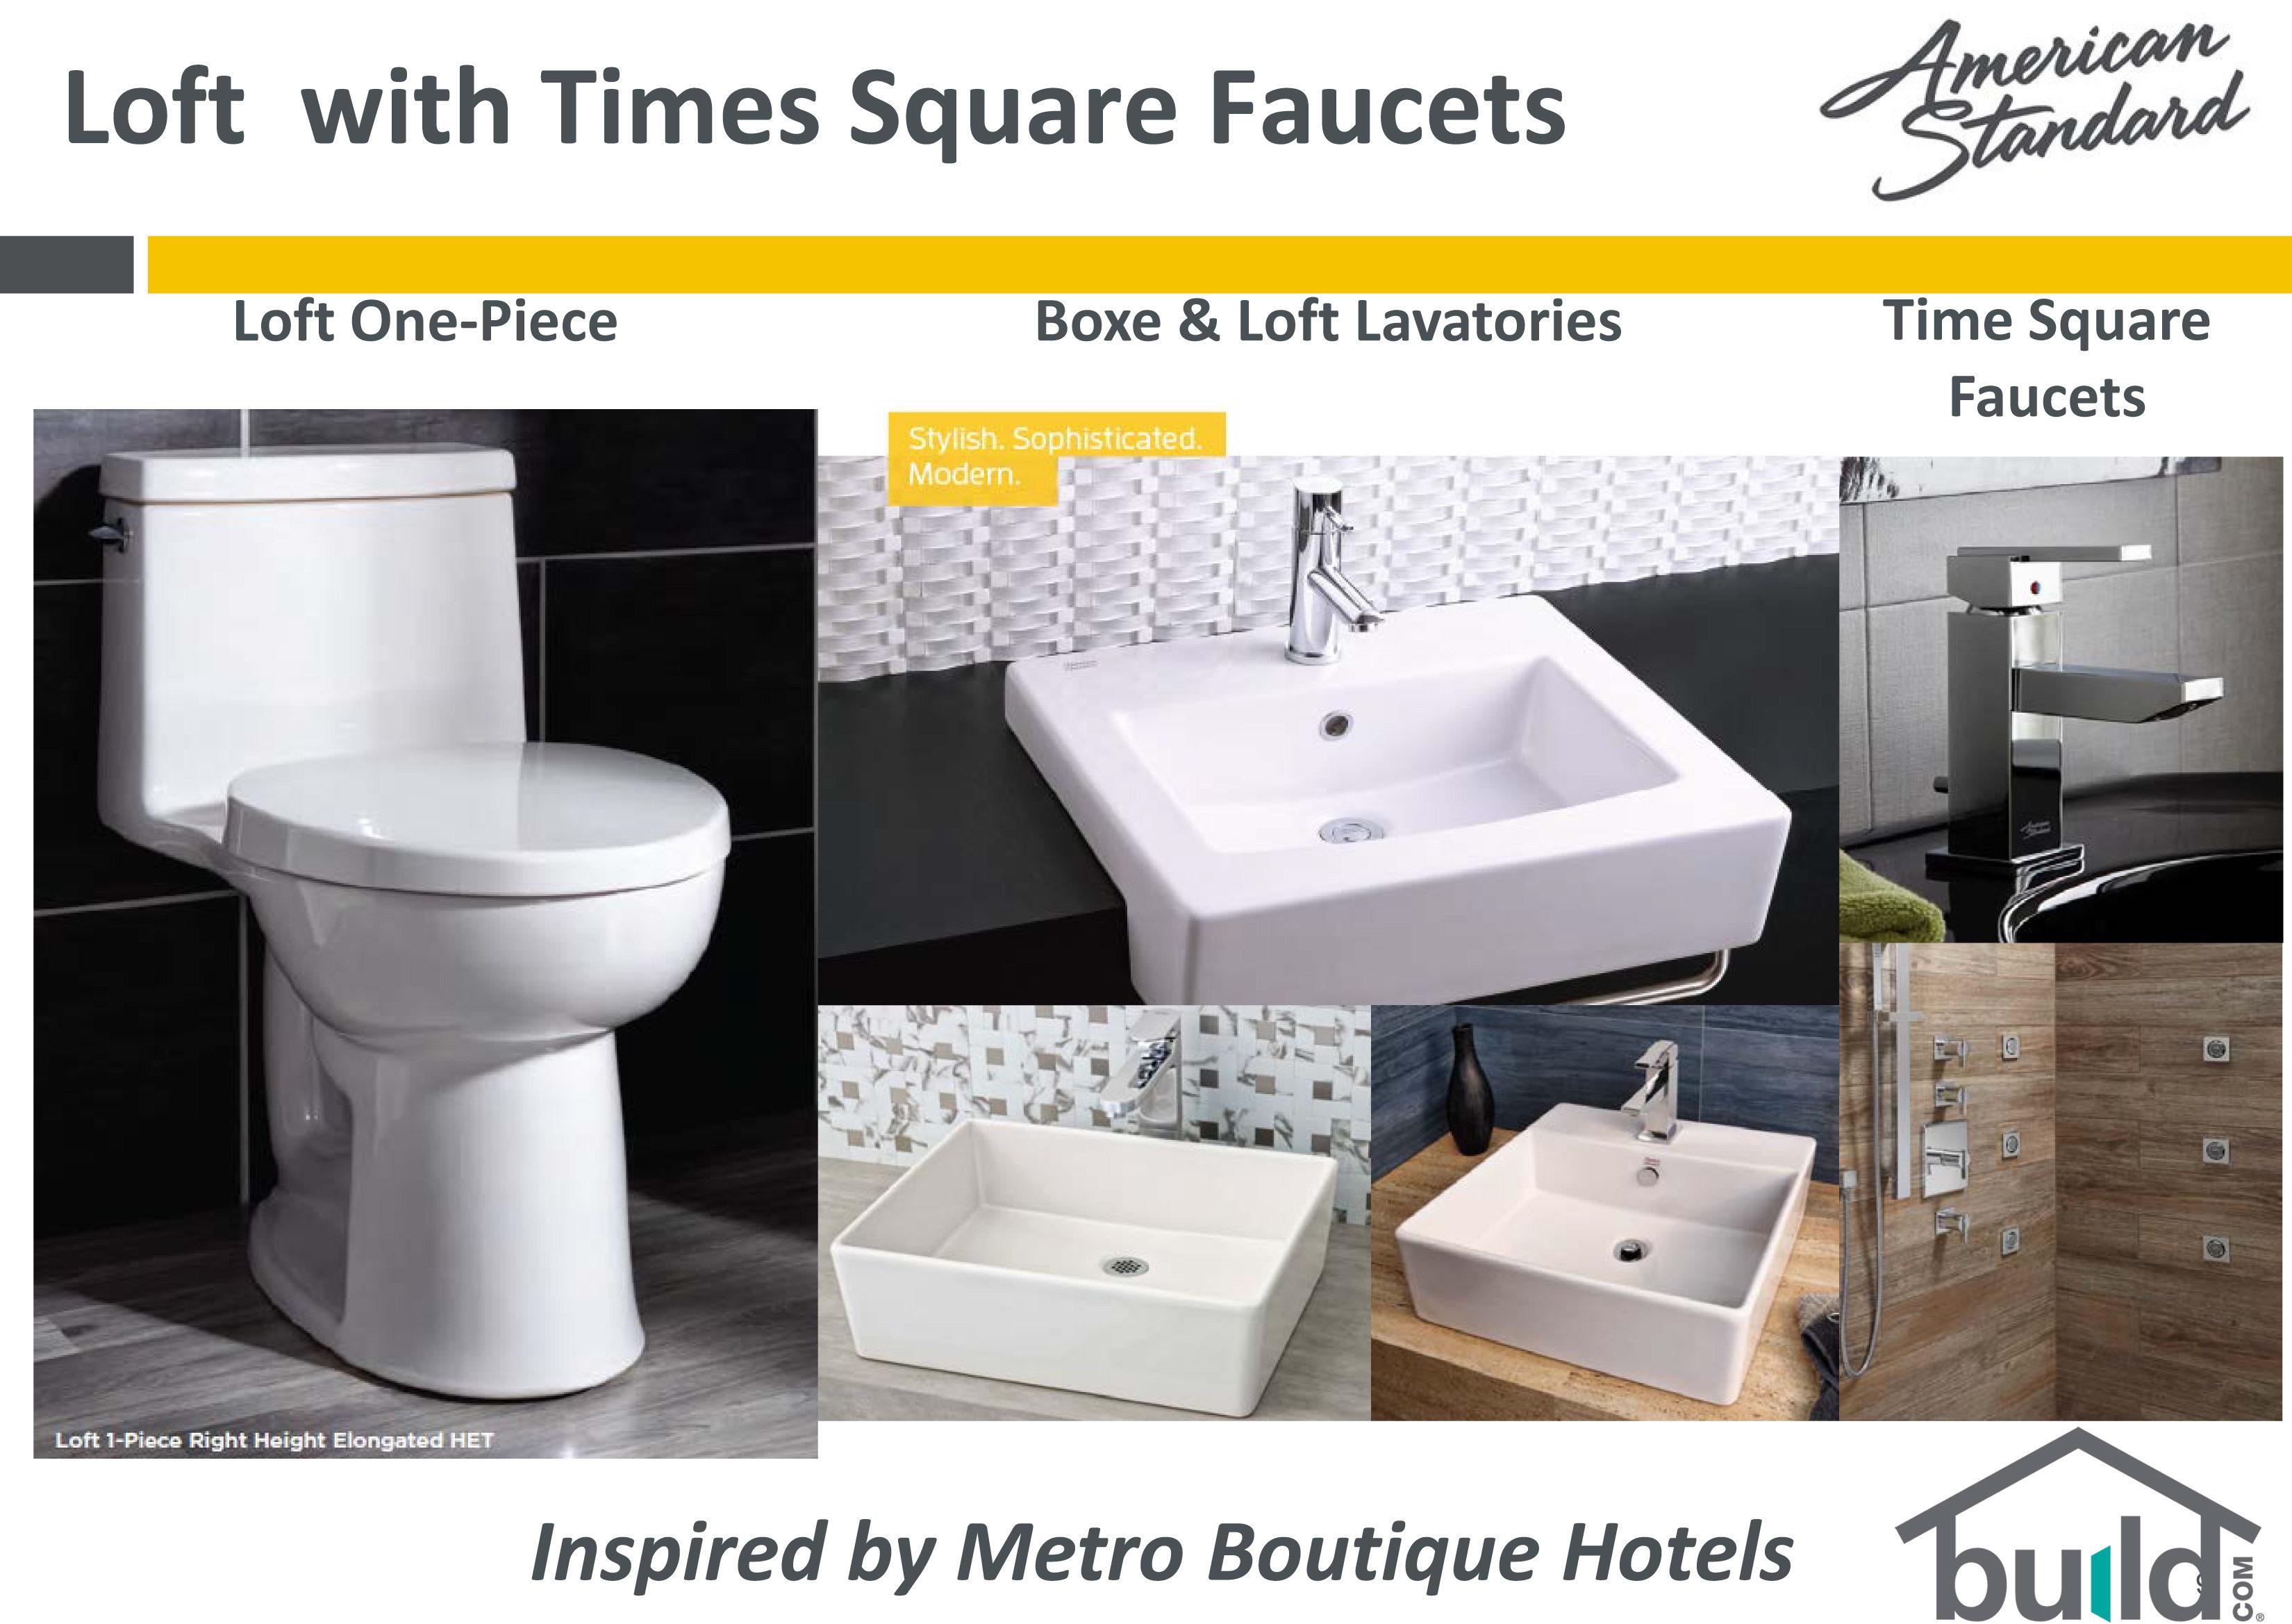 American Standard White Loft Vessel Fireclay - One piece bathroom sink faucet